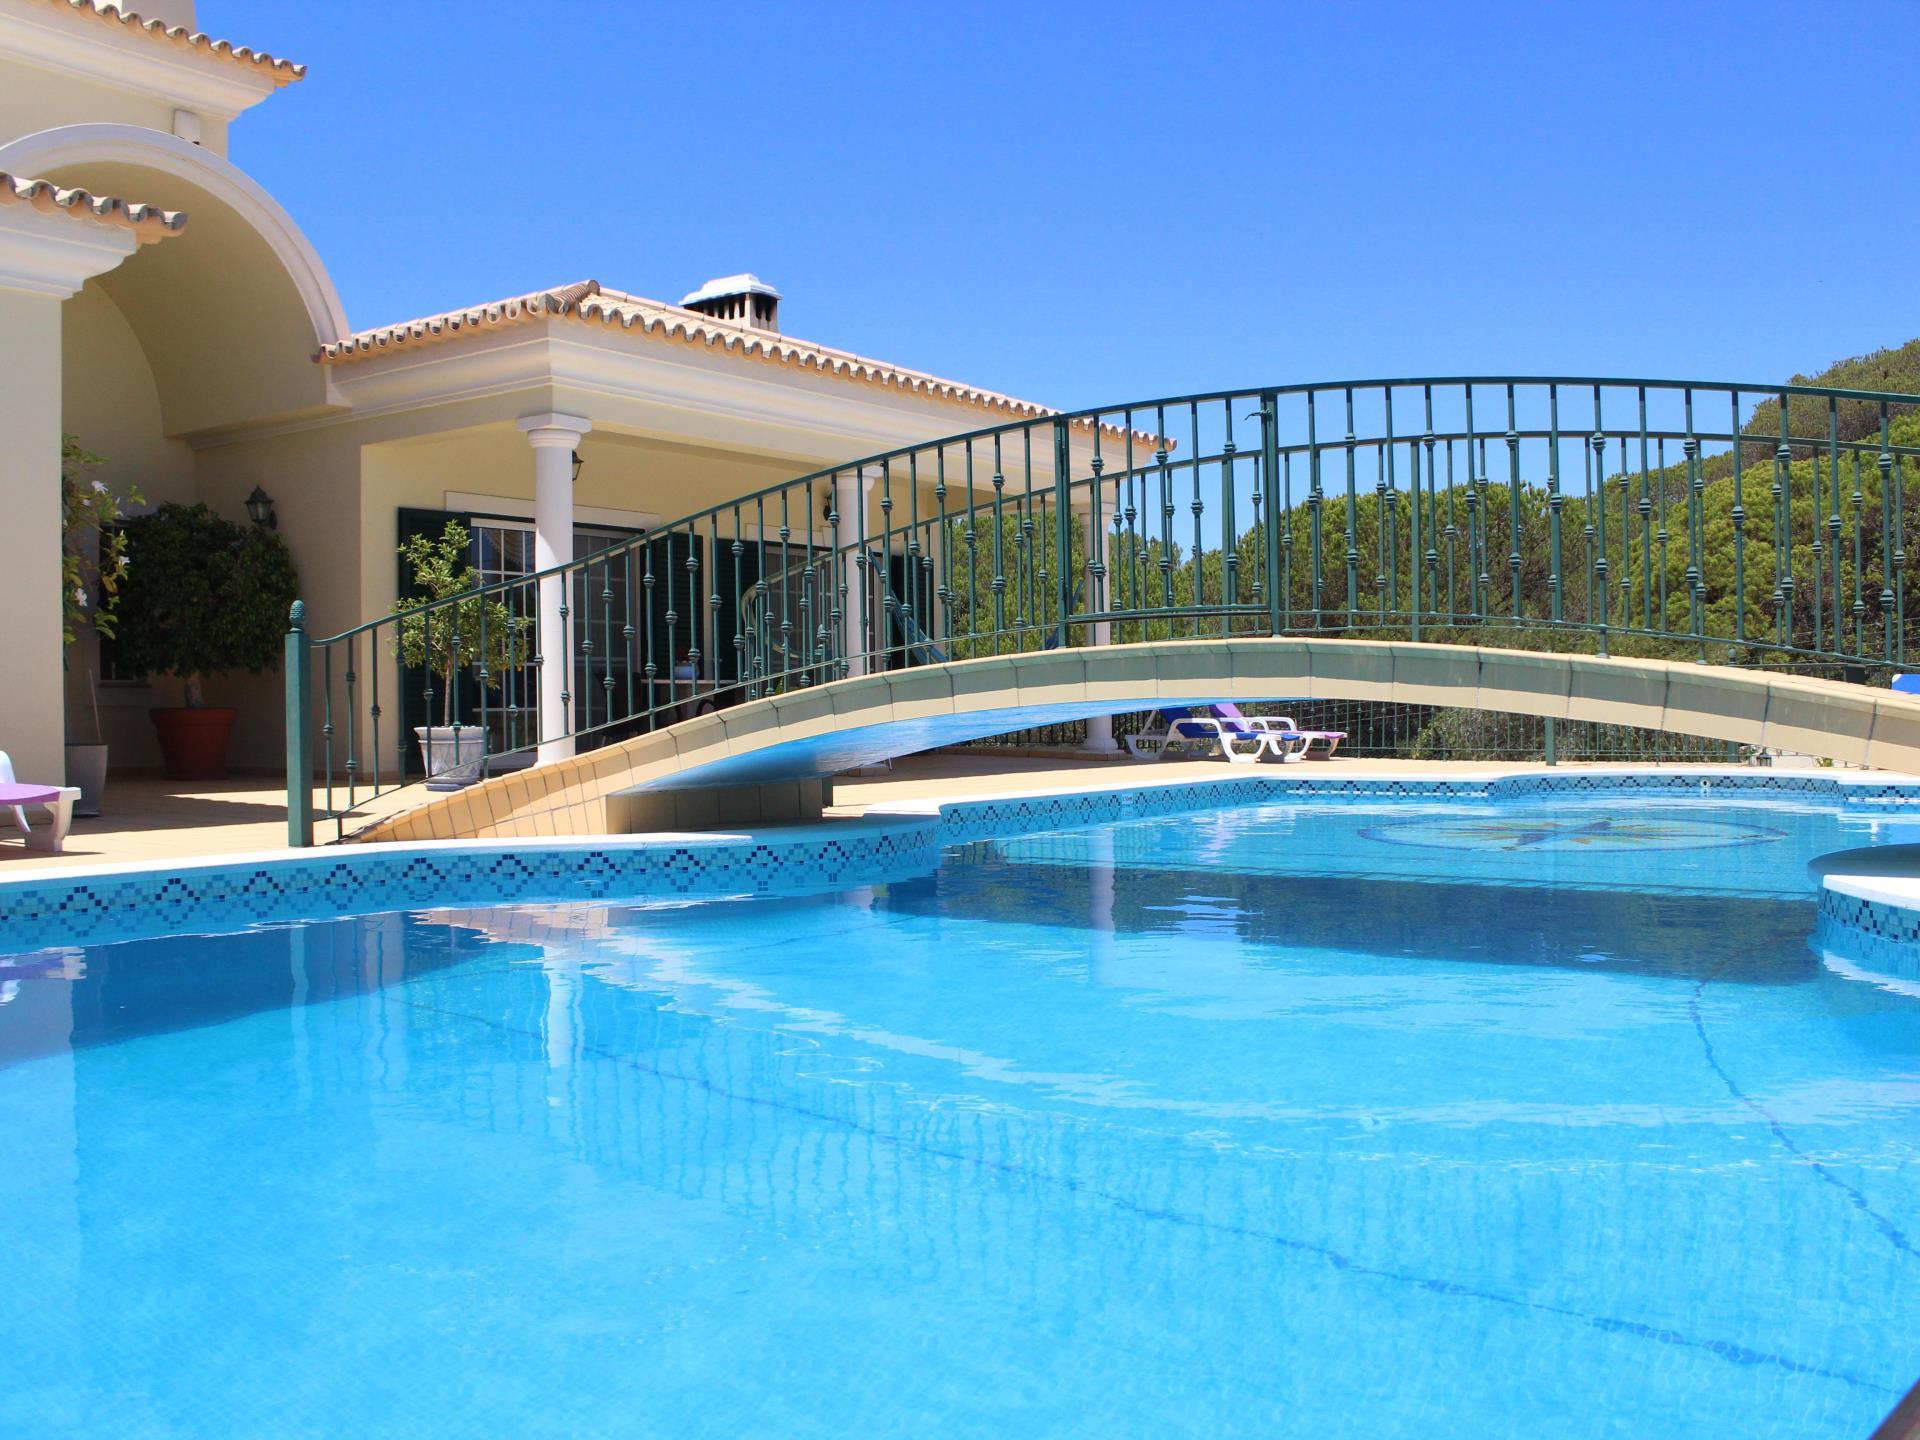 Частный односемейный дом для того Продажа на Detached house, 8 bedrooms, for Sale Loule, Algarve Португалия